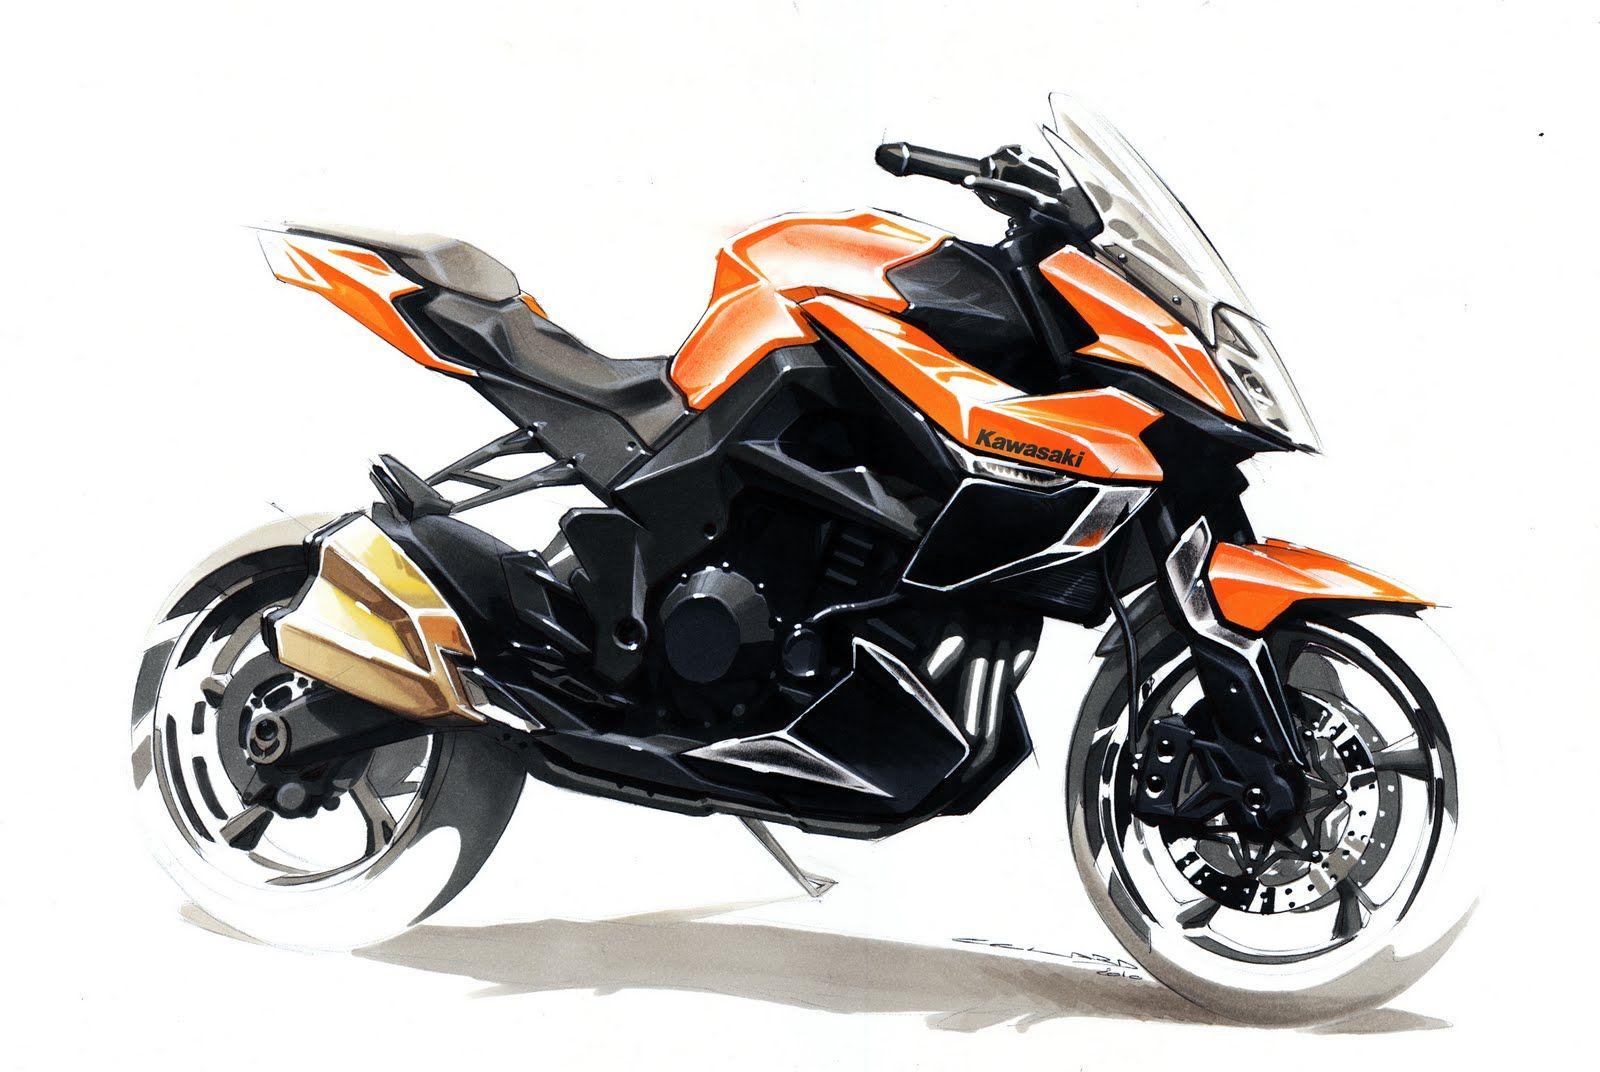 Pingl par eric cheng sur sketch render stuff pinterest dessin moto design et dessin - Croquis voiture ...